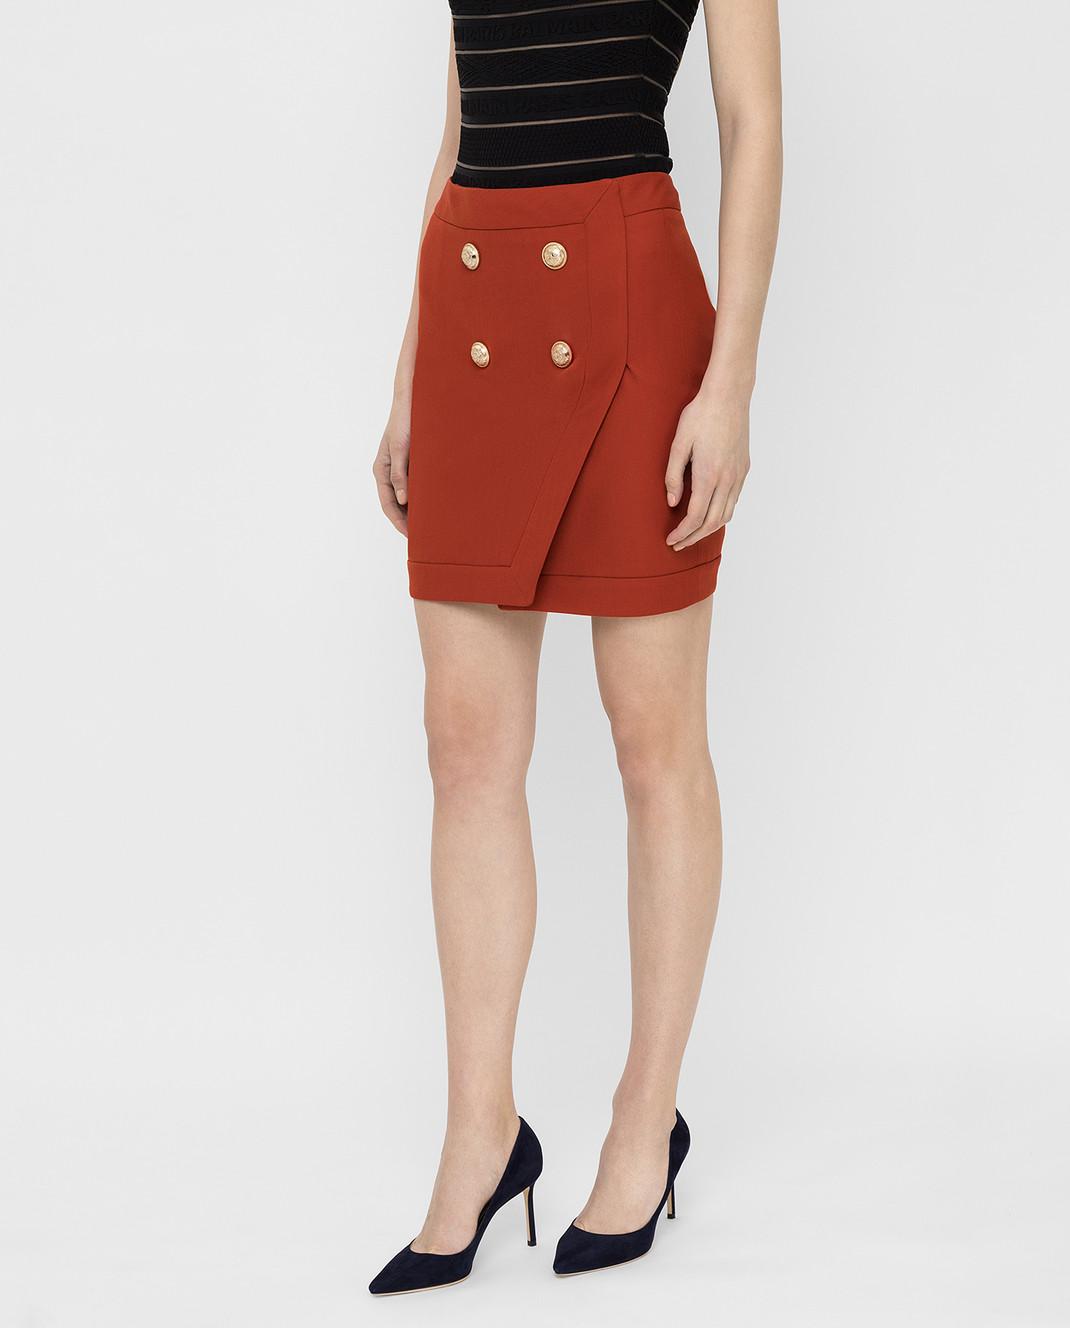 Balmain Терракотовая юбка TF14046V093 изображение 3